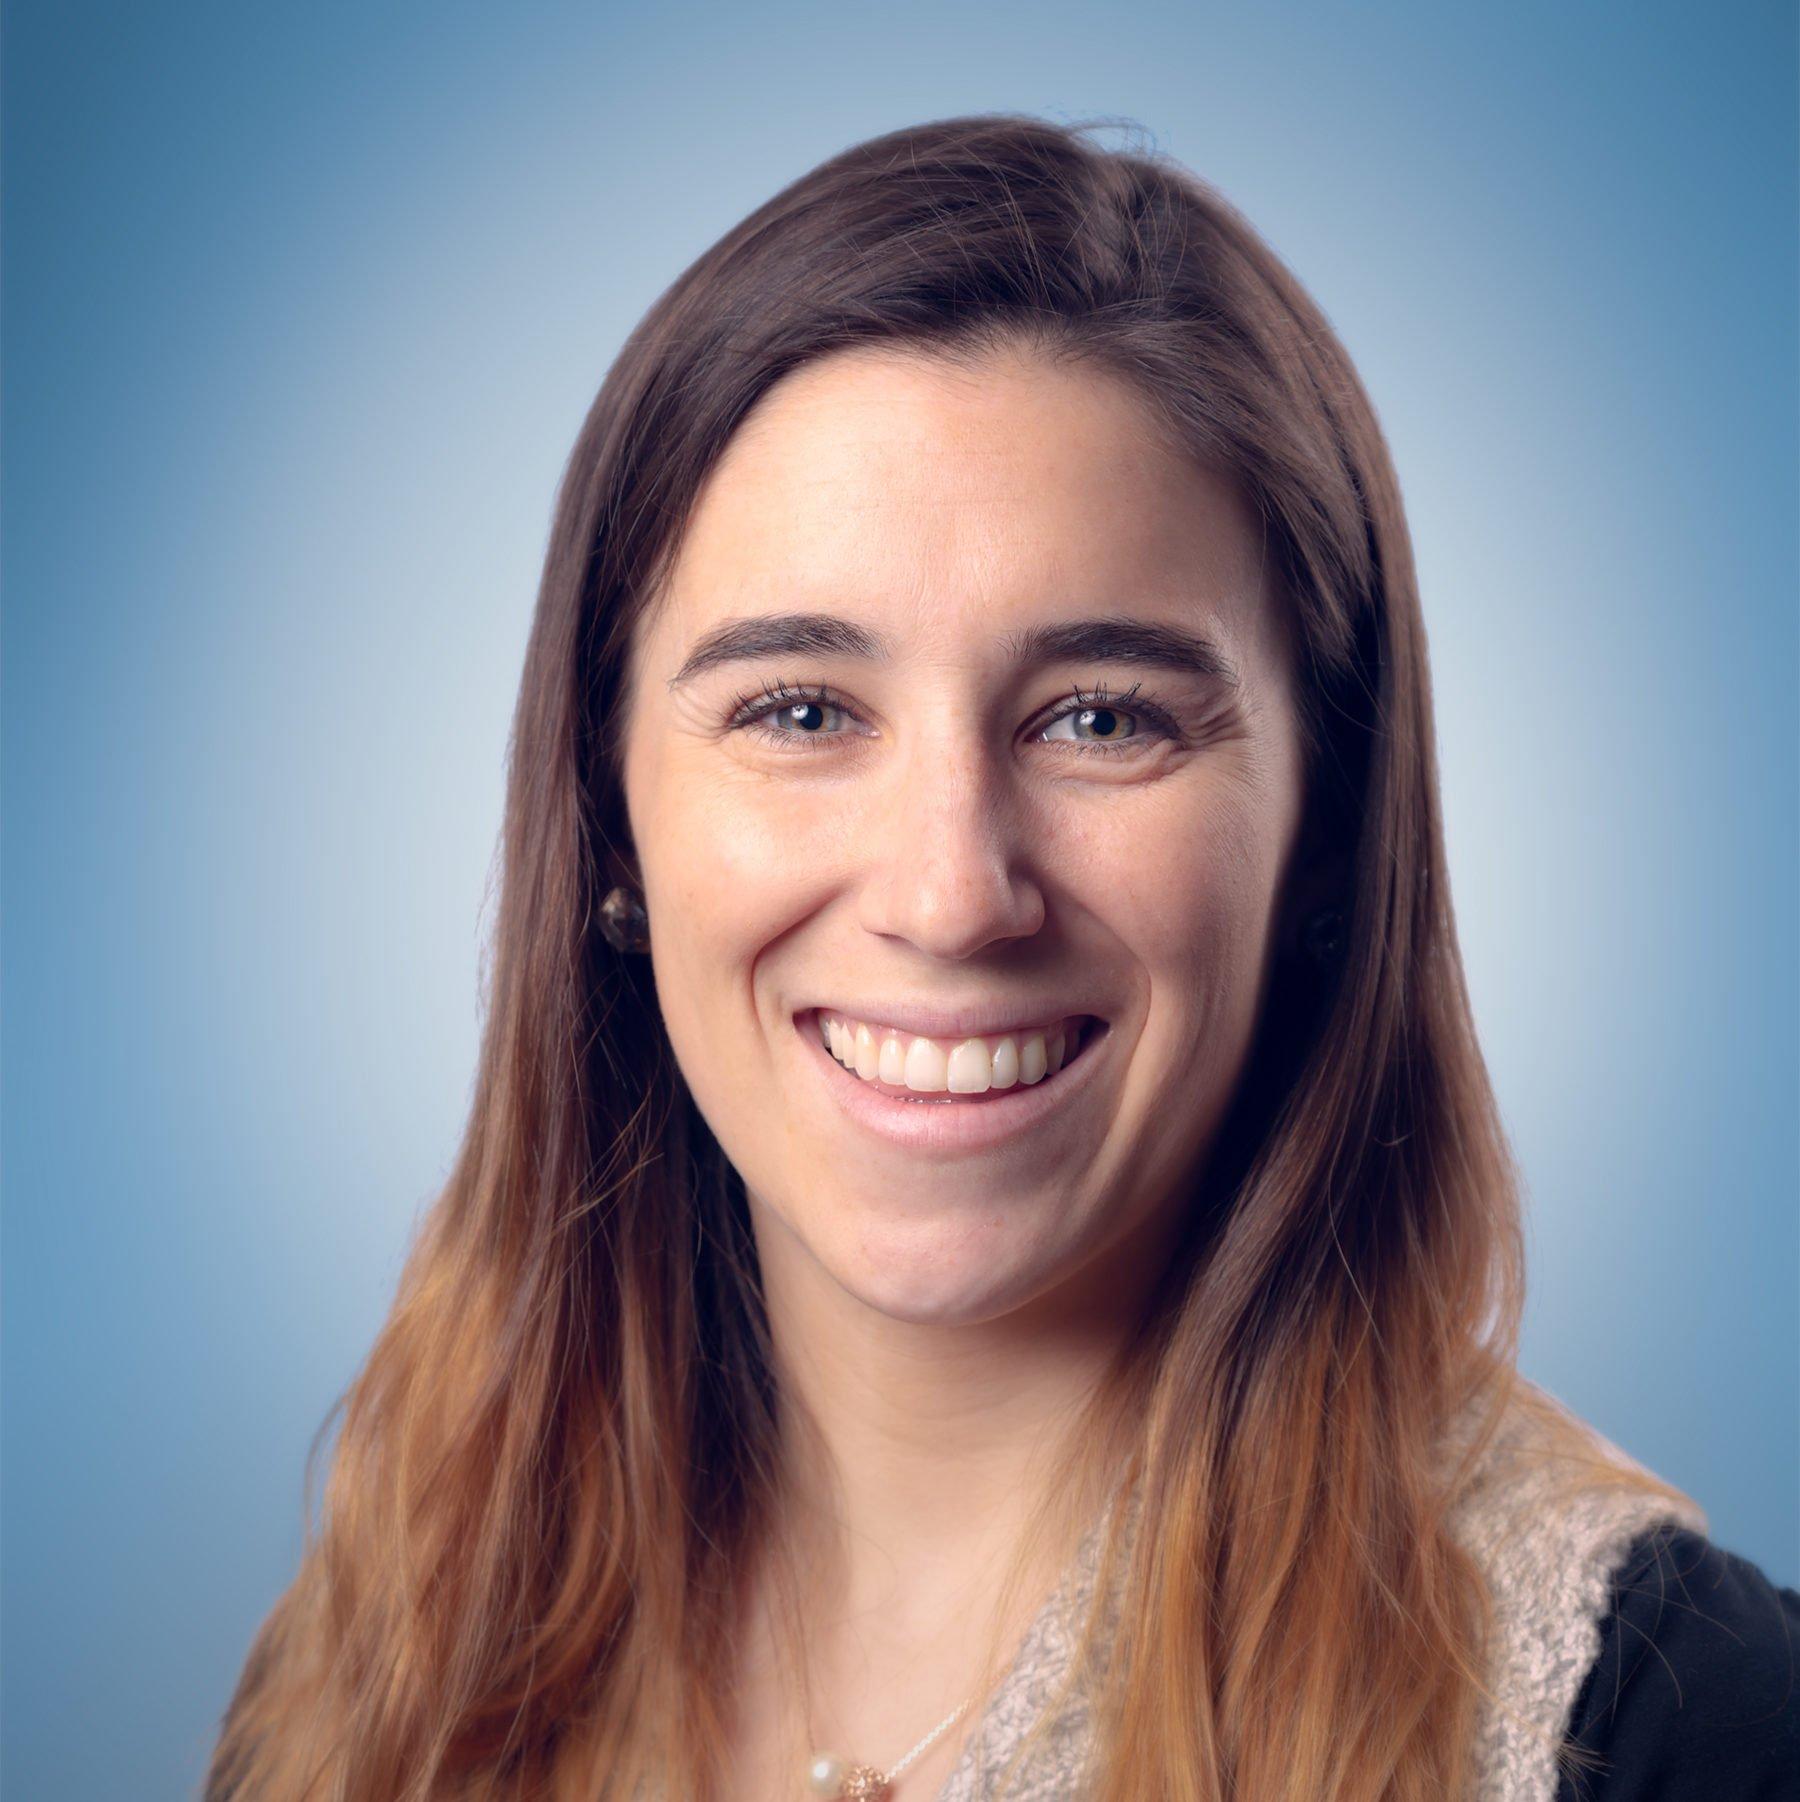 Abby Rajotte Portrait